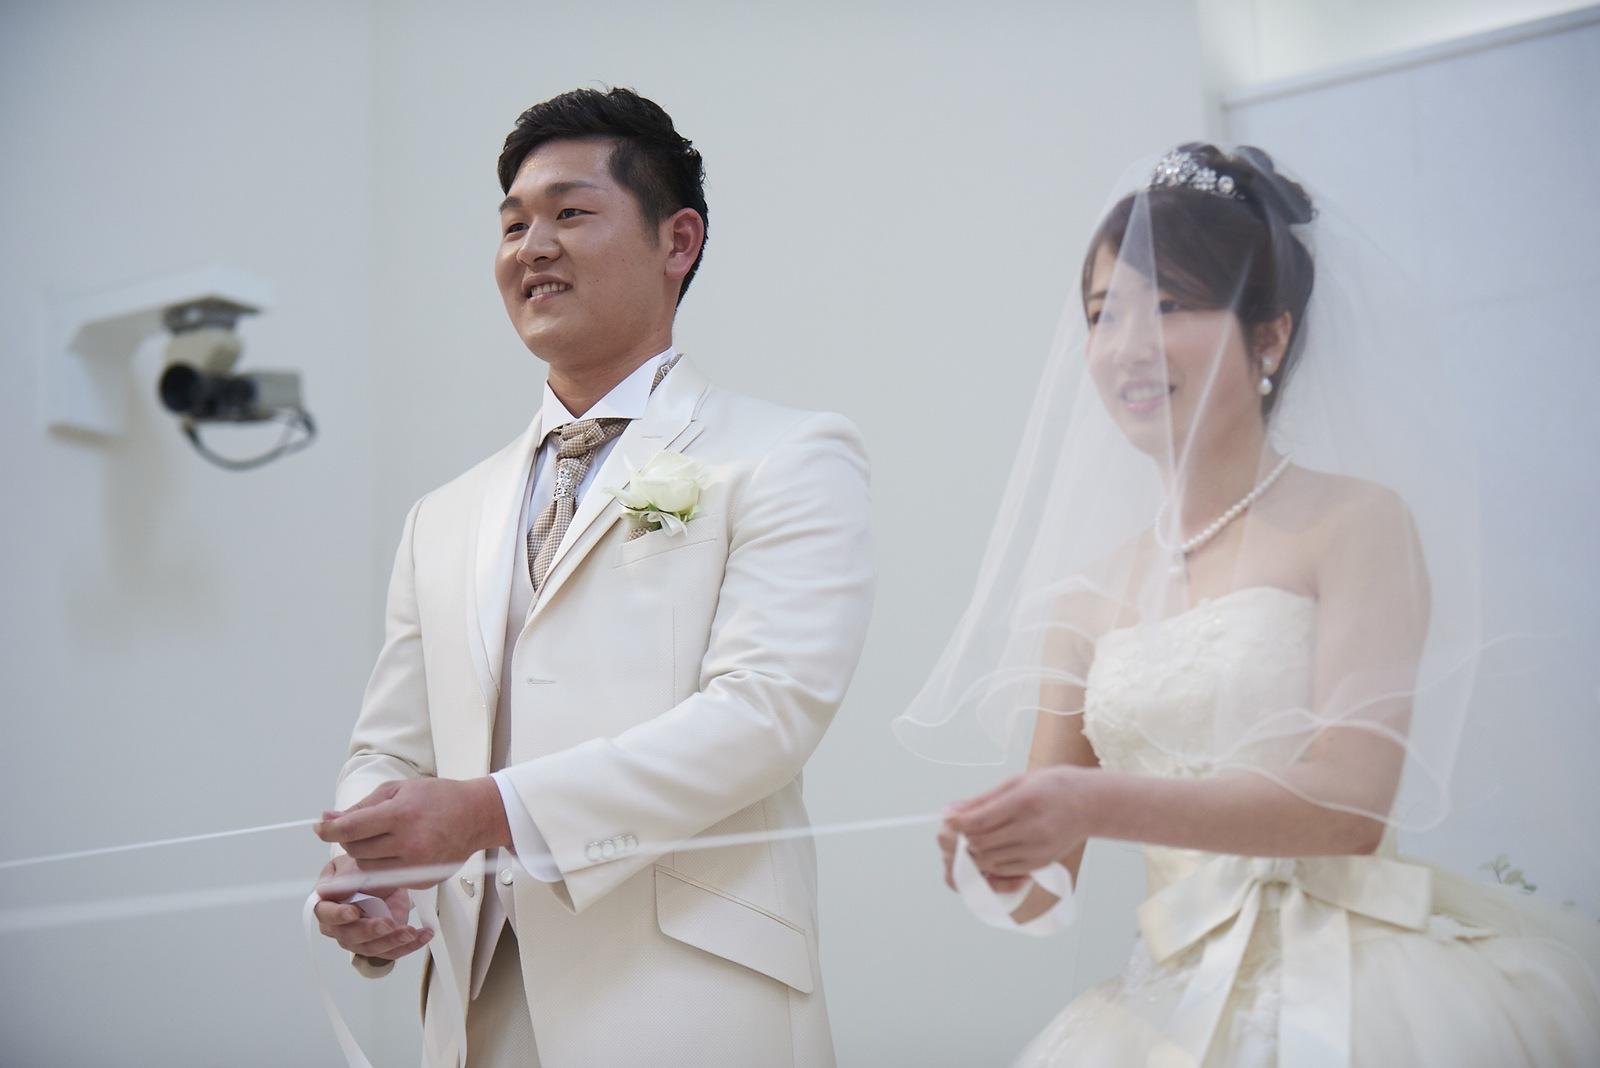 徳島市の結婚式場ブランアンジュでリングキッズが乗る歩行器をリボンで引っ張る新郎新婦様